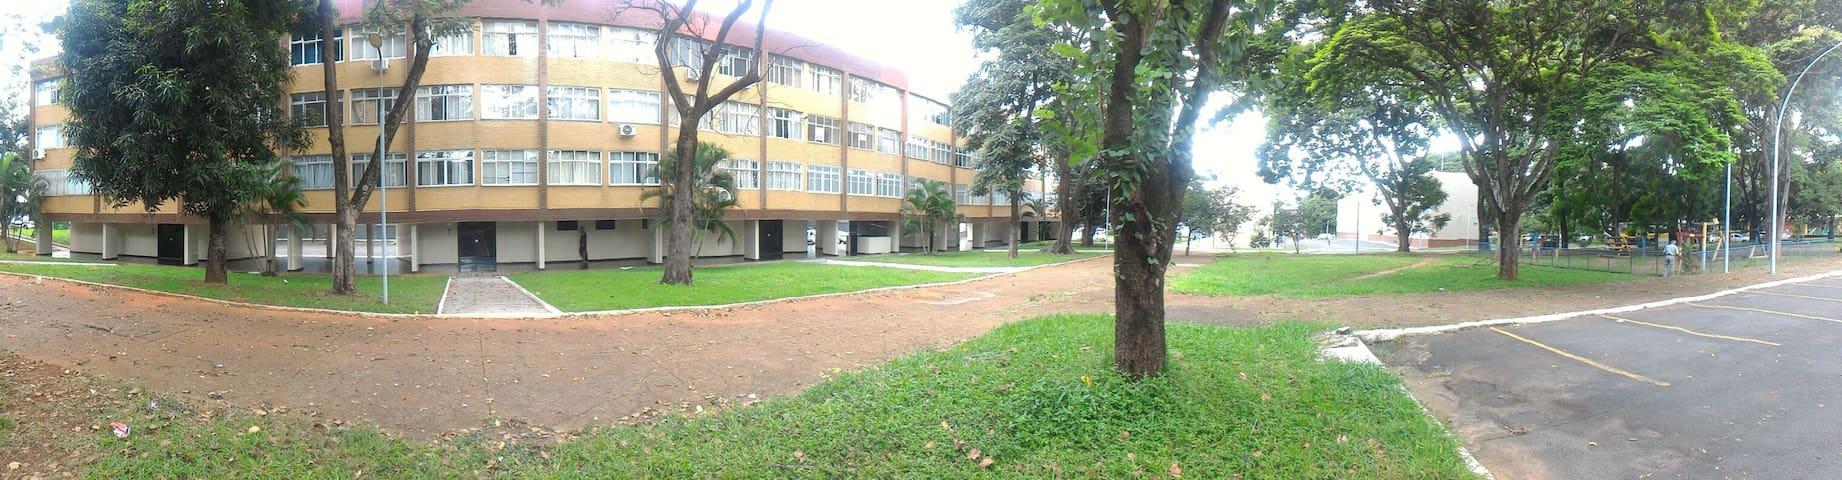 Ótima localização e fácil locomoção - Brasília - Appartement